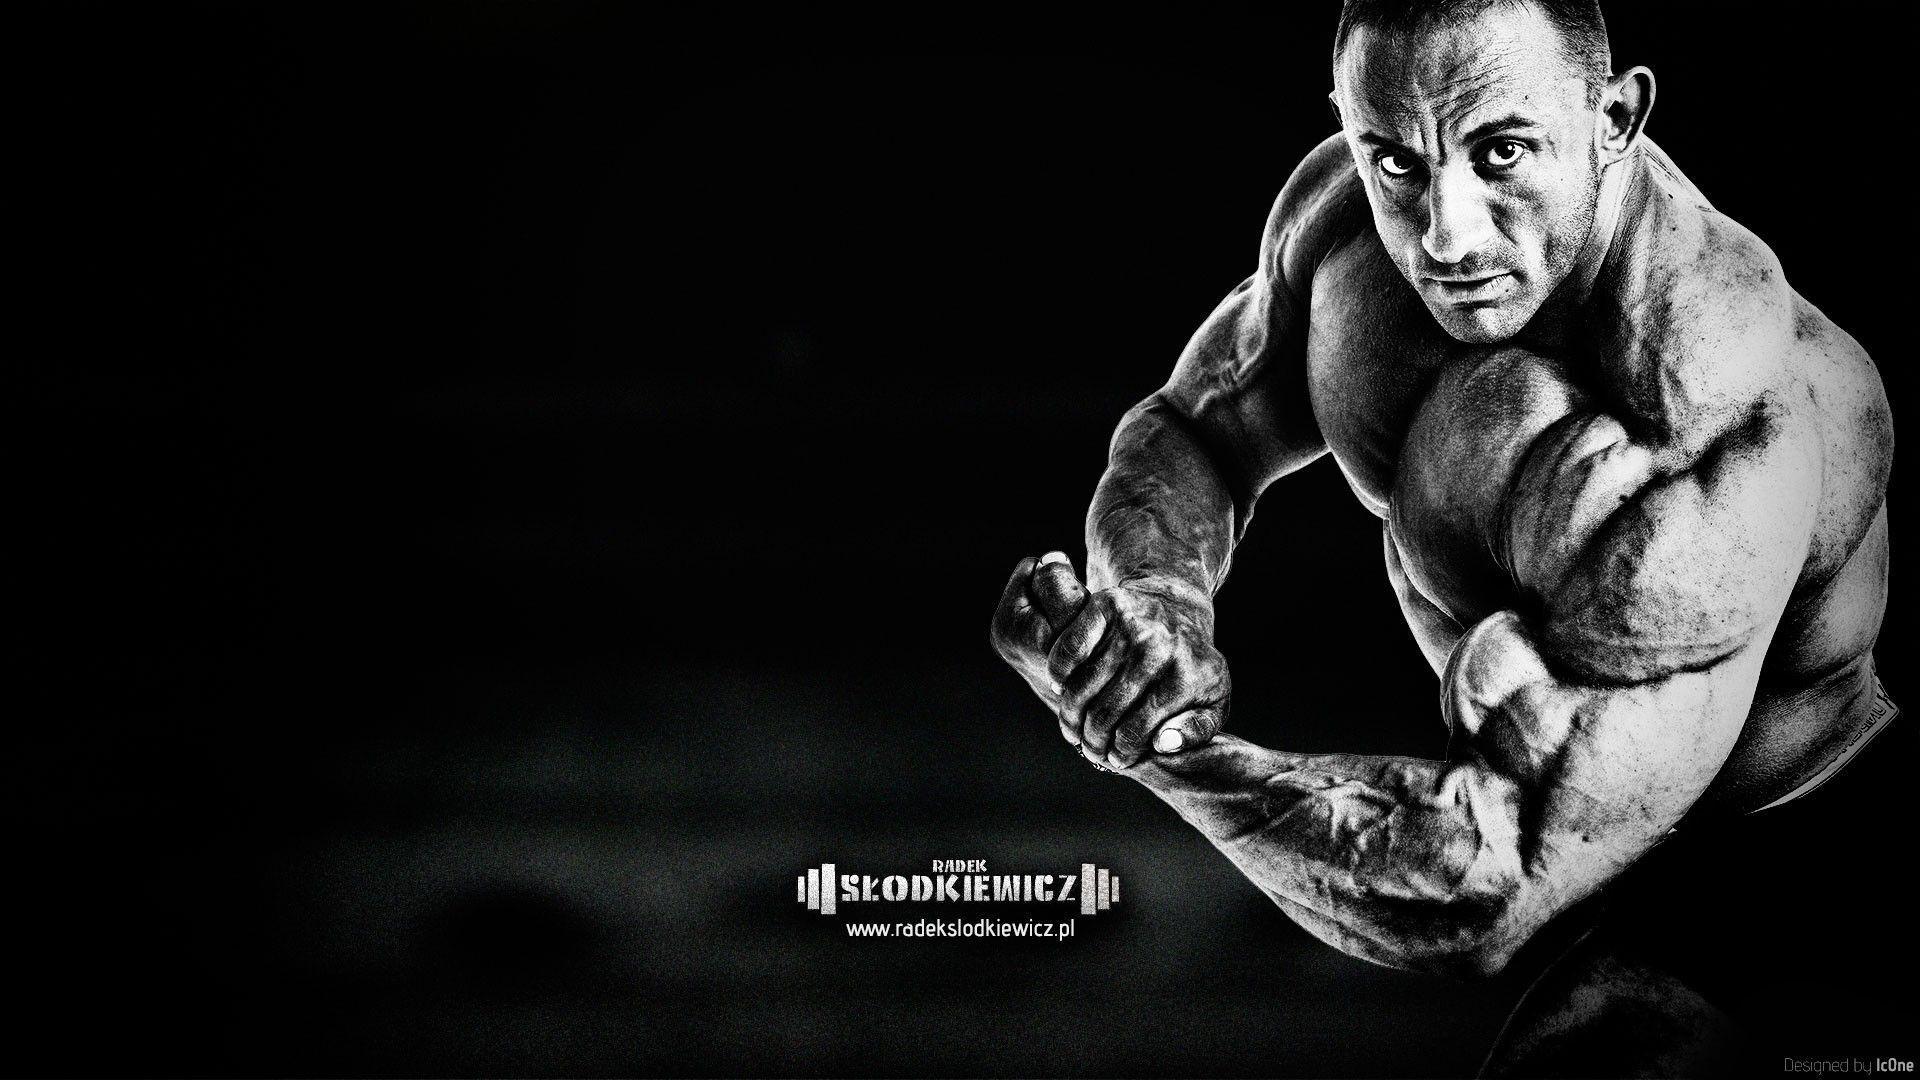 Bodybuilding wallpapers wallpaper cave - Fitness wallpapers for desktop ...